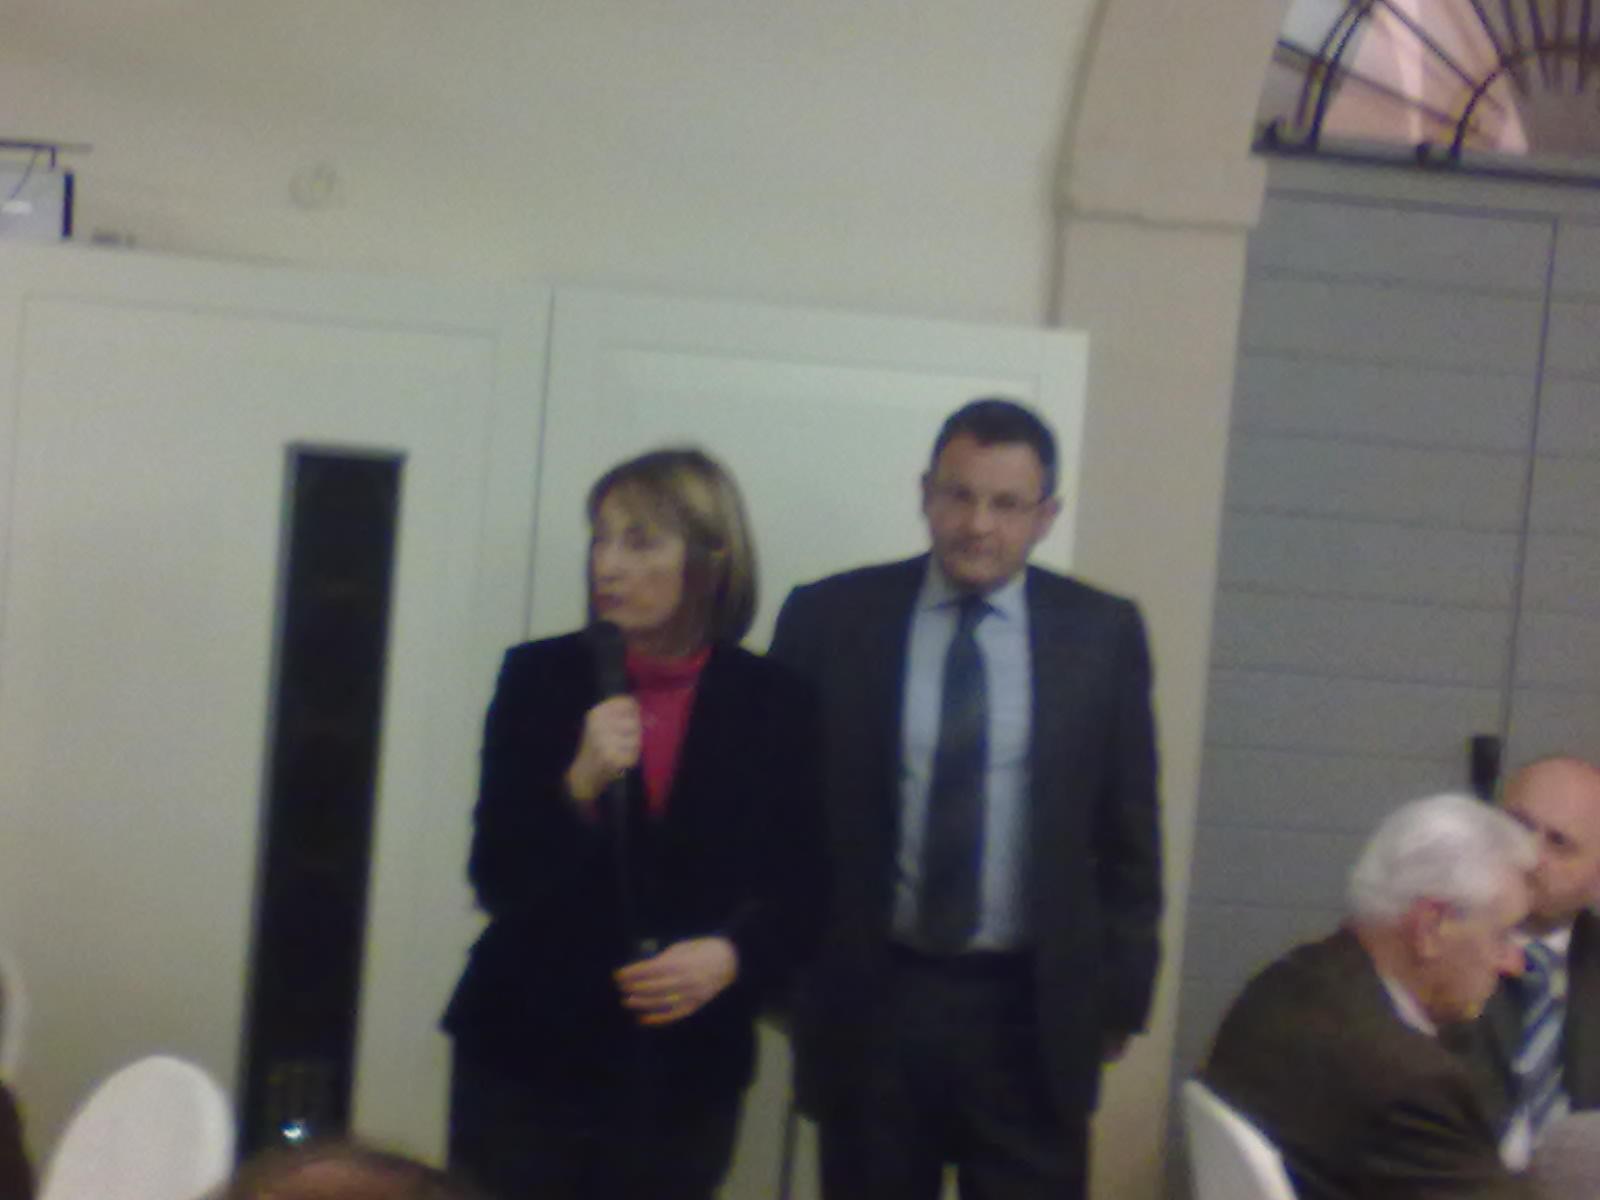 Gabriella Patrizi, Franco Gaspari